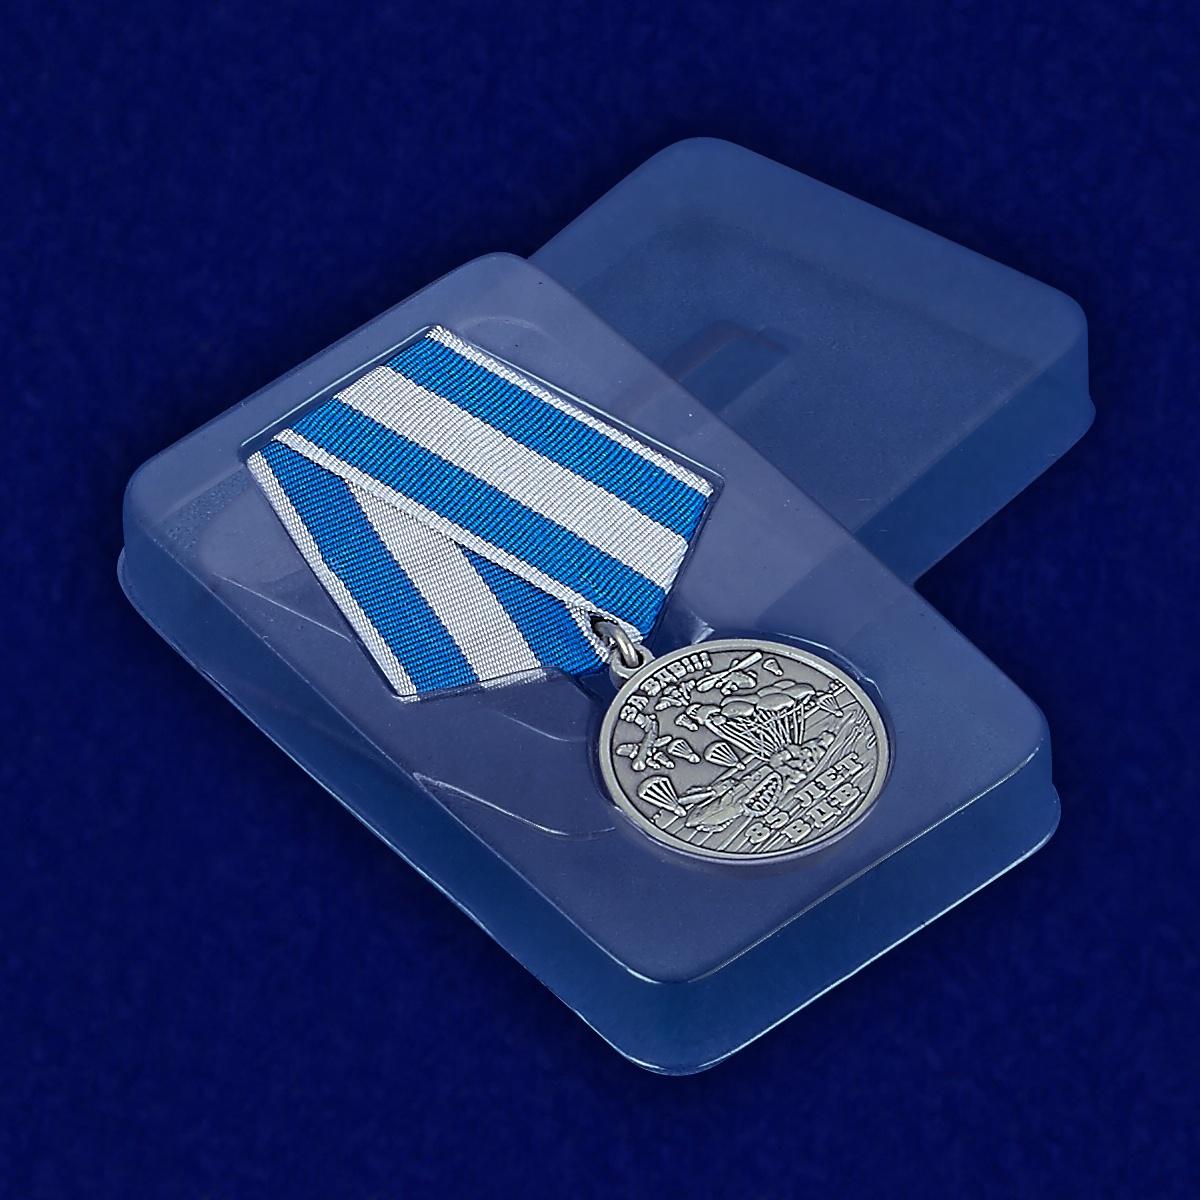 """Медаль """"85 лет ВДВ"""" с удостоверением - вид в футляре"""